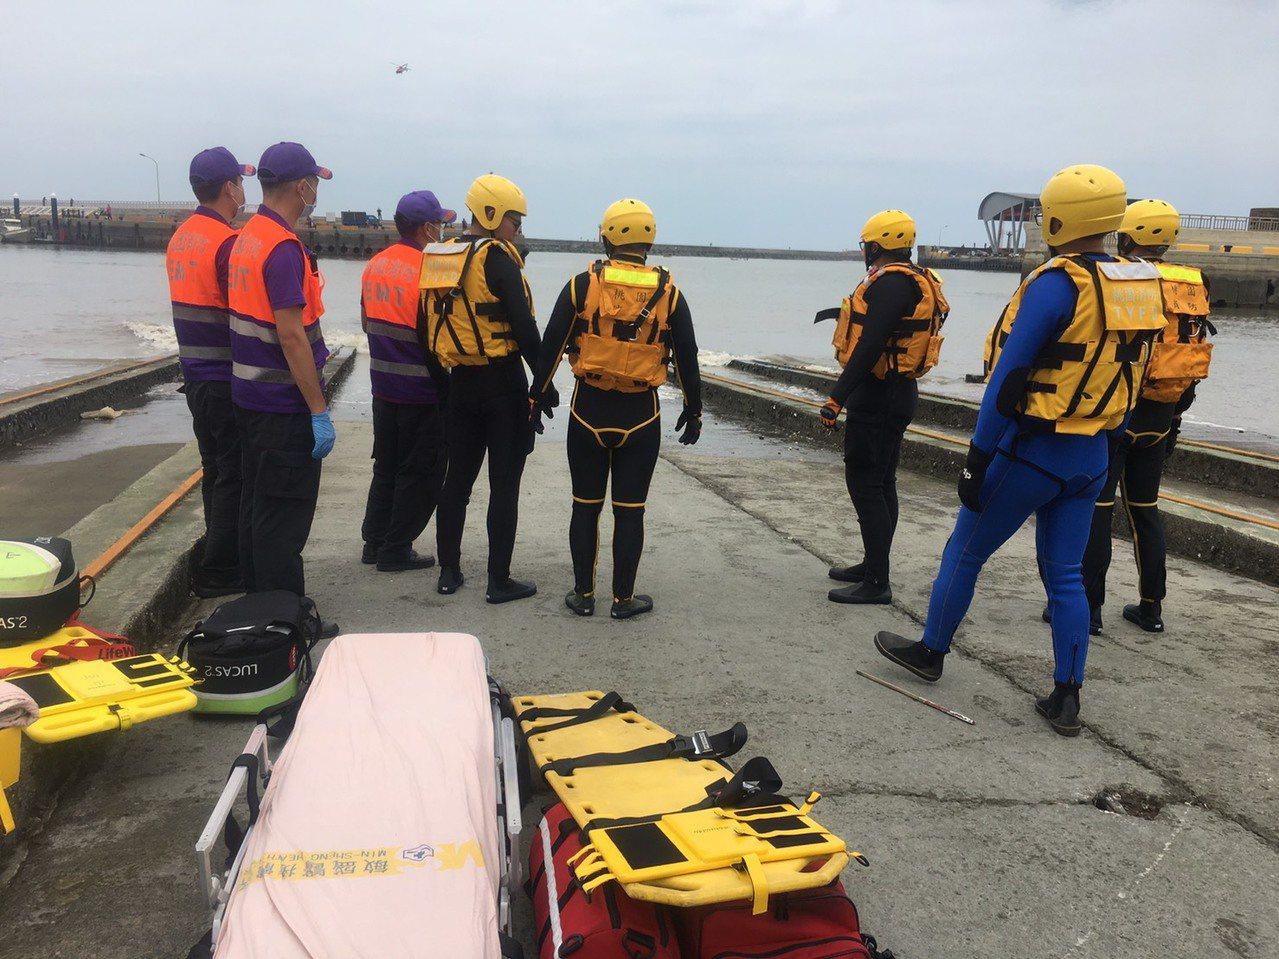 桃園市大園竹圍外漁船翻覆,海巡、桃園消防隊員前往救援。記者曾增勳/翻攝